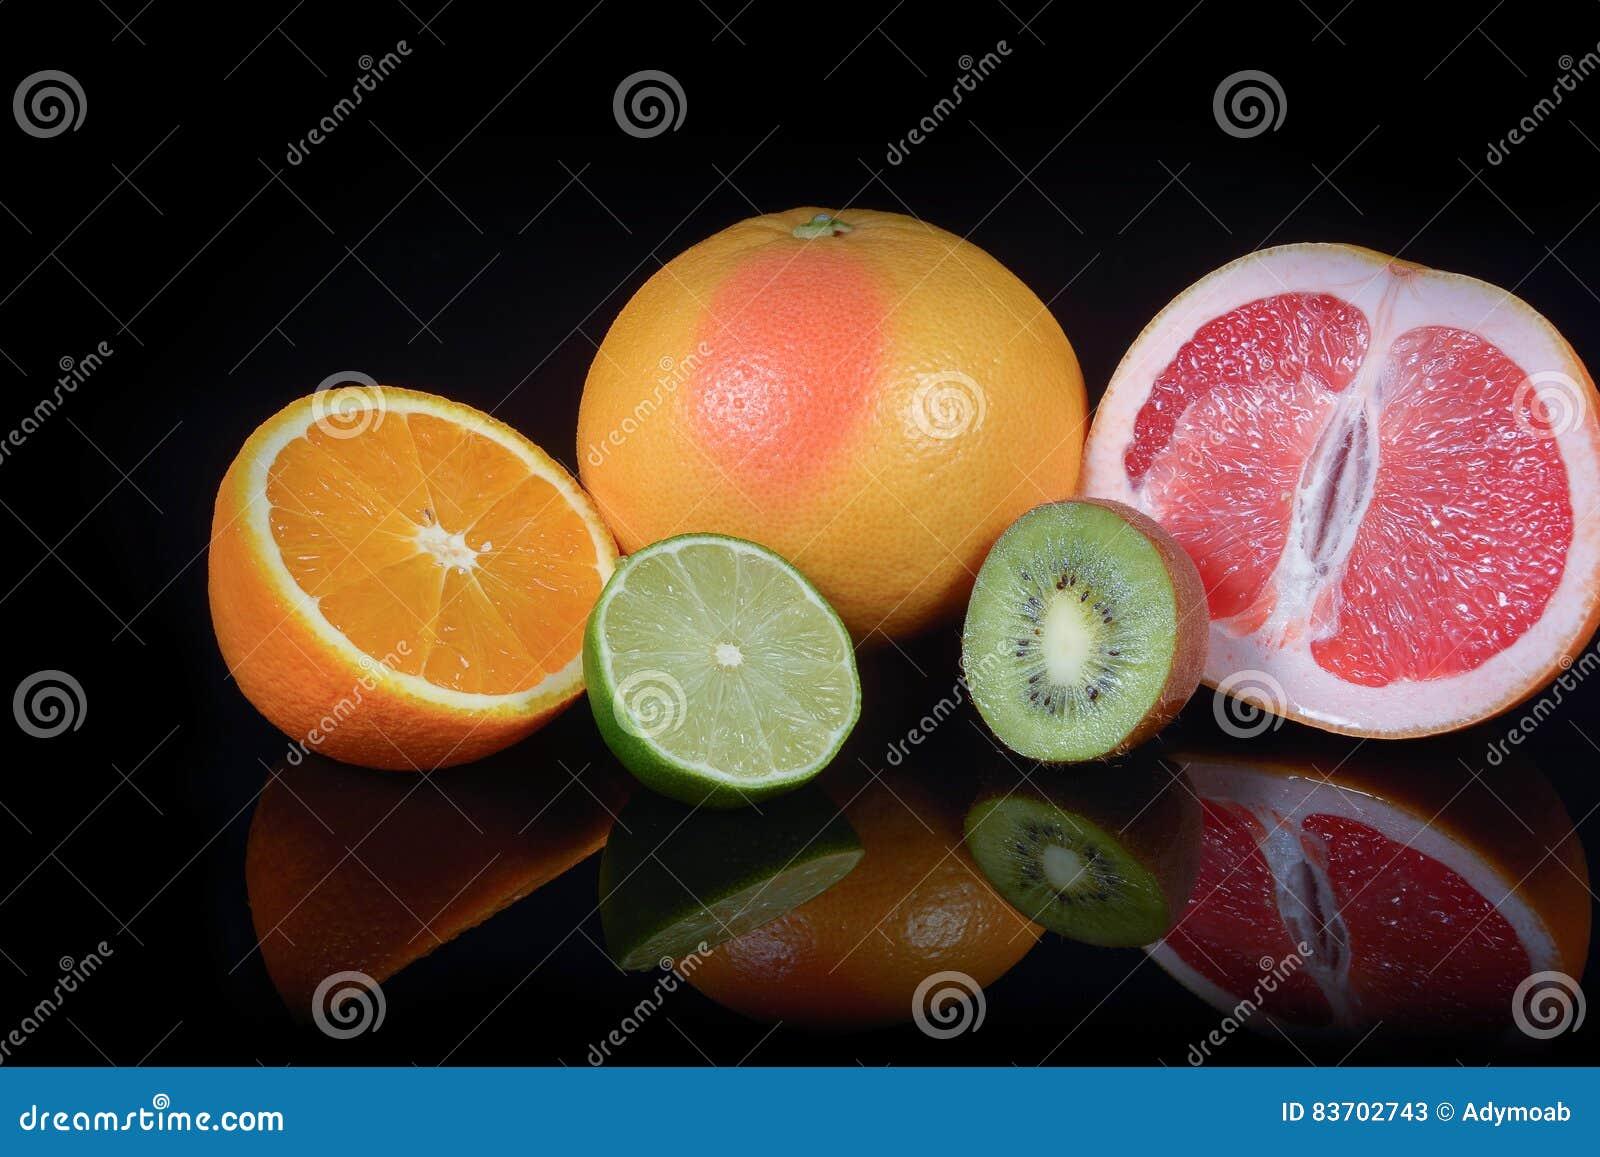 Fresh Citrus Isolated On Black Background Stock Photo